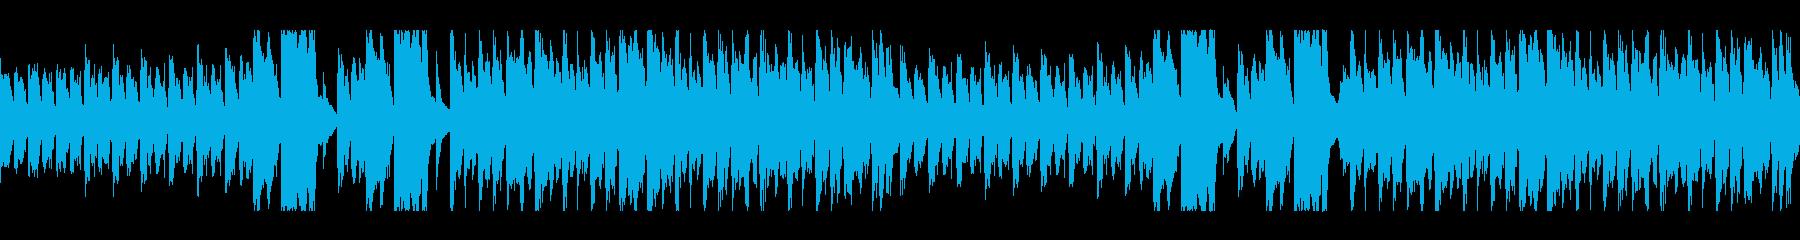 コミカルでちょっと間抜けなBGMの再生済みの波形